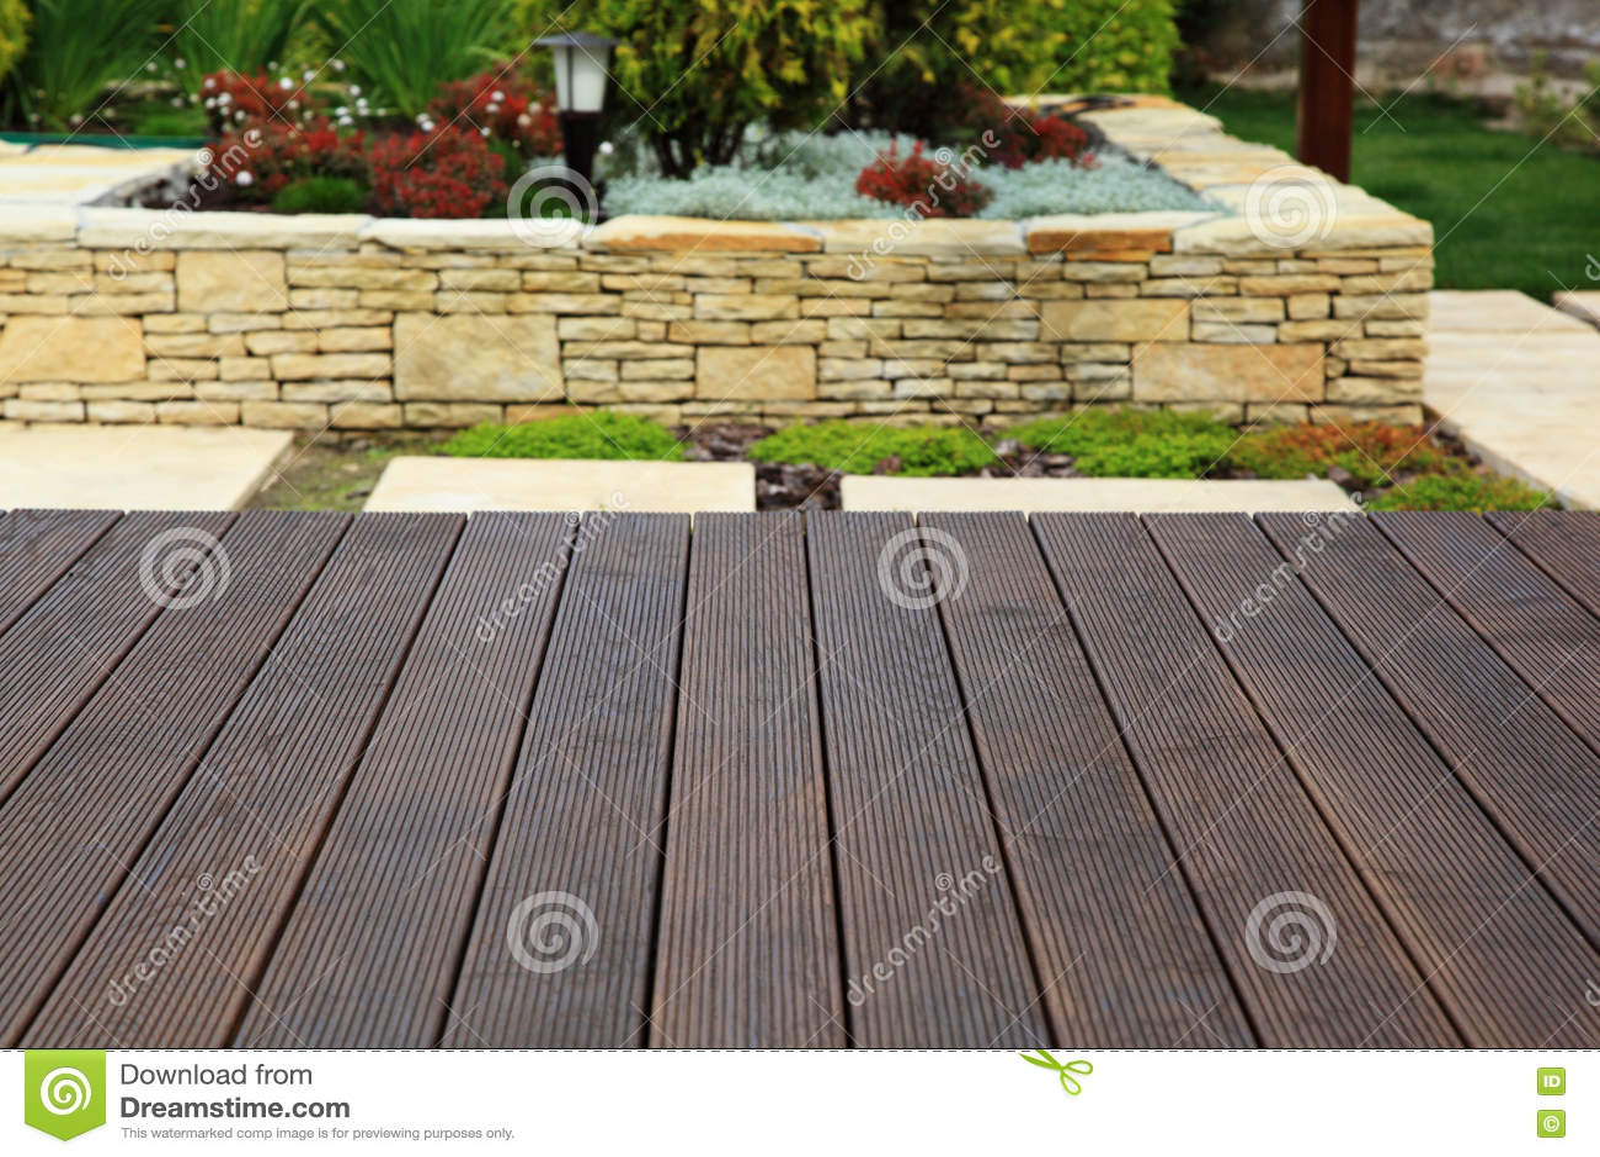 Houten vloer over mooie moderne decoratieve tuin als achtergrond